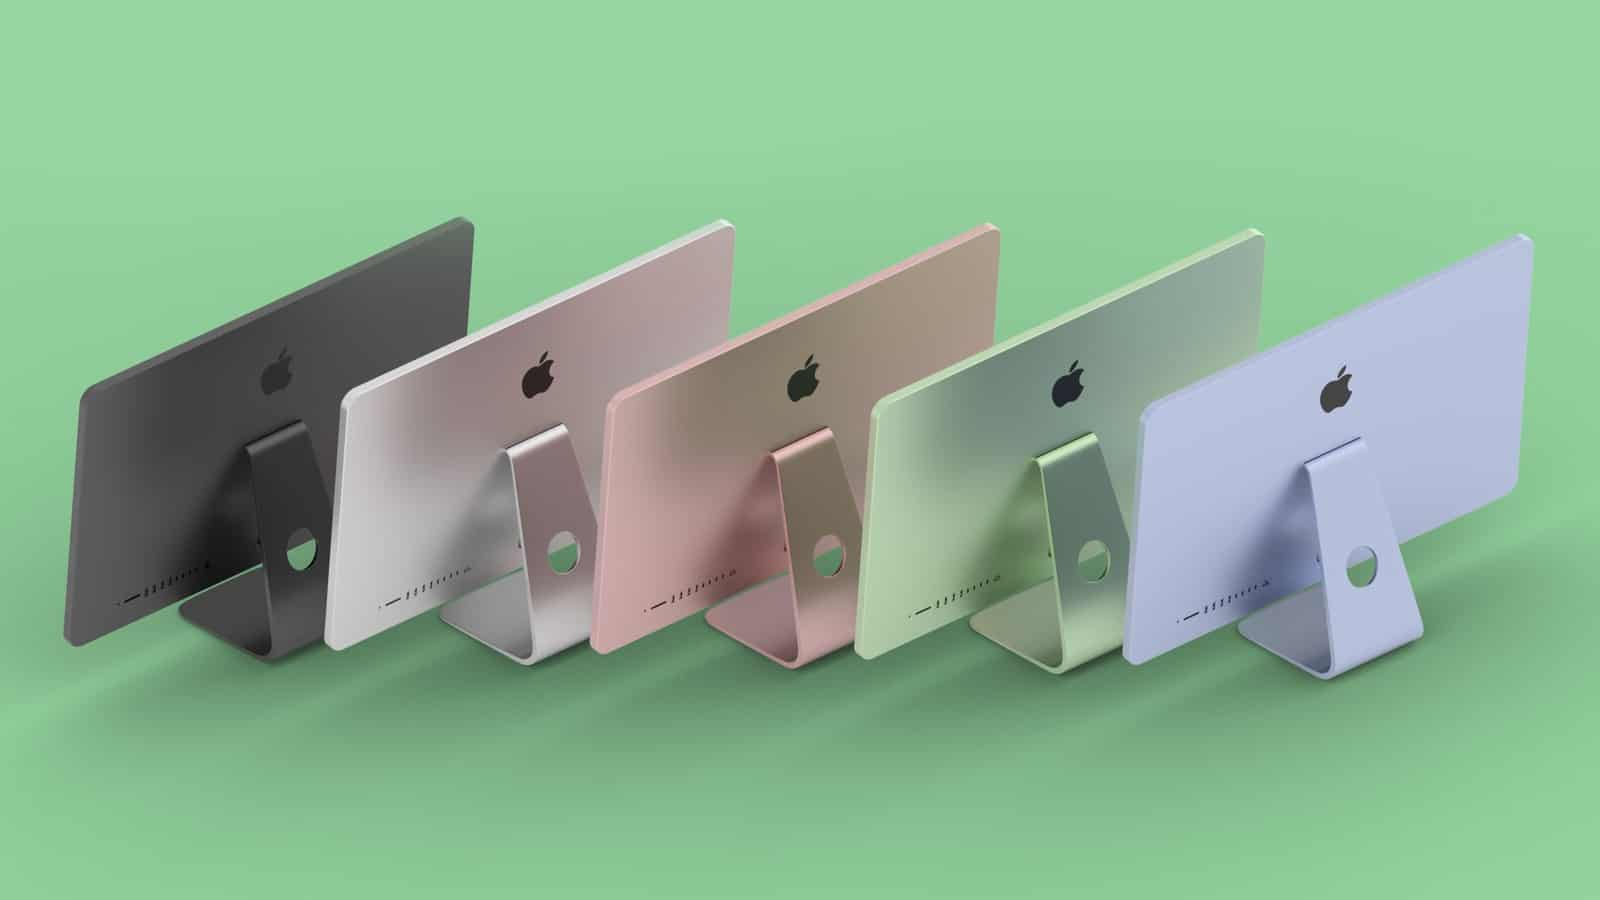 Модели iMac в разных цветах